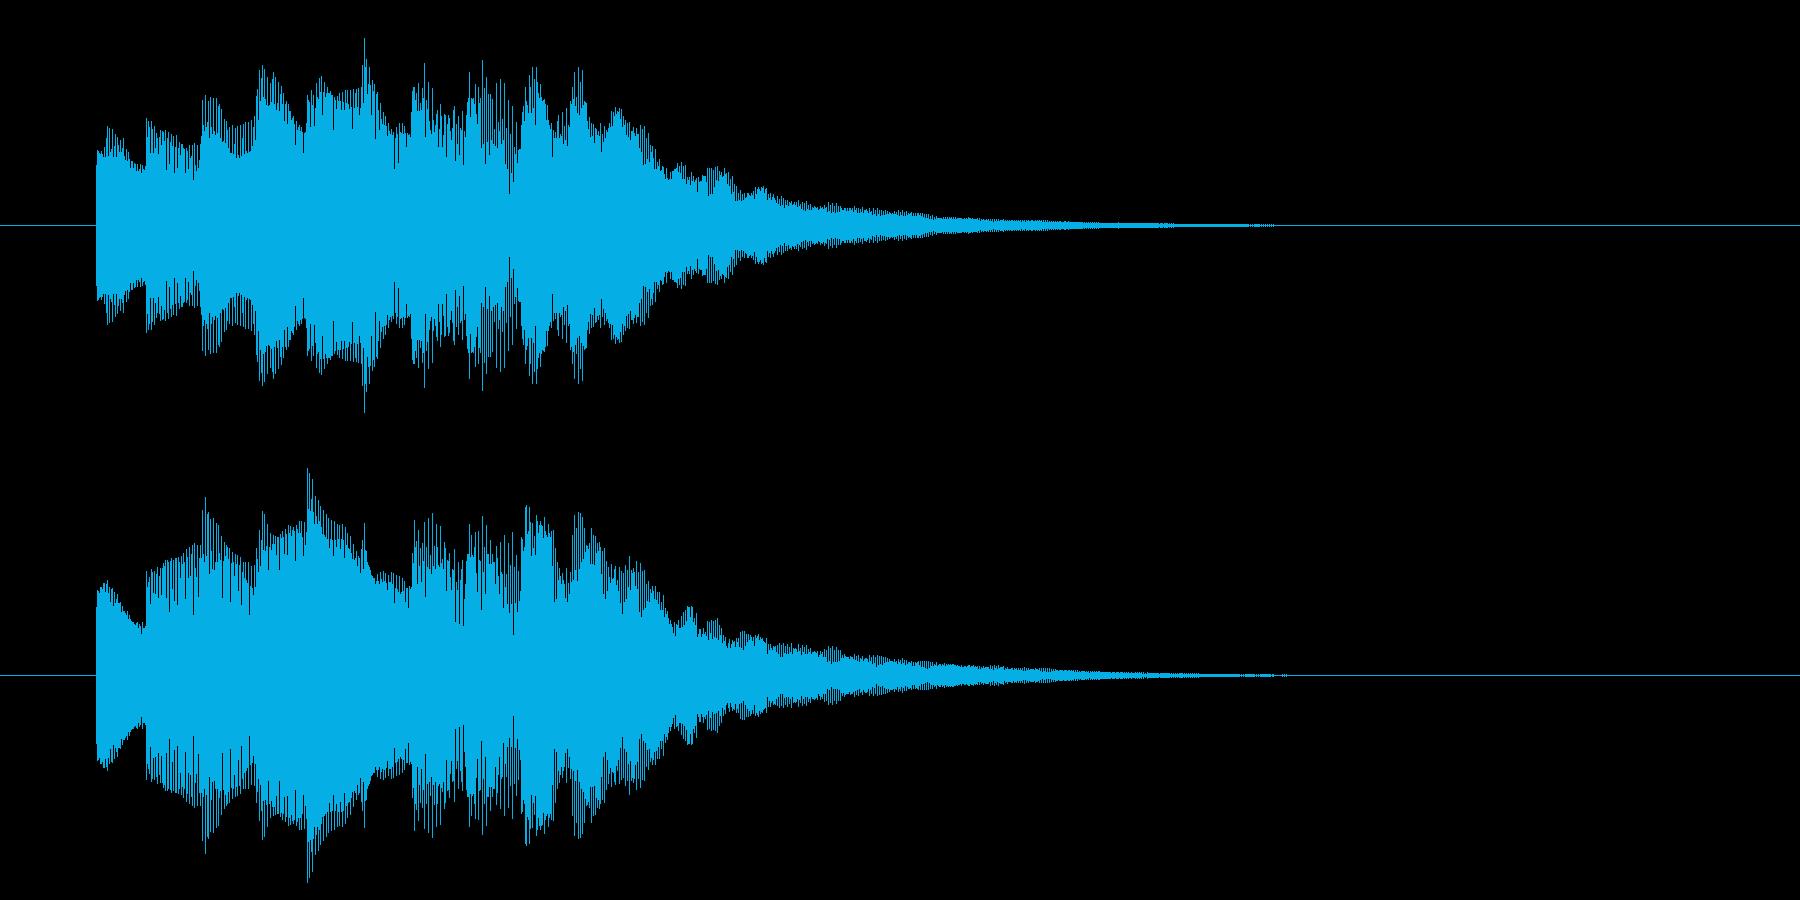 アイドルSE4 ノーマルカード入手 正解の再生済みの波形